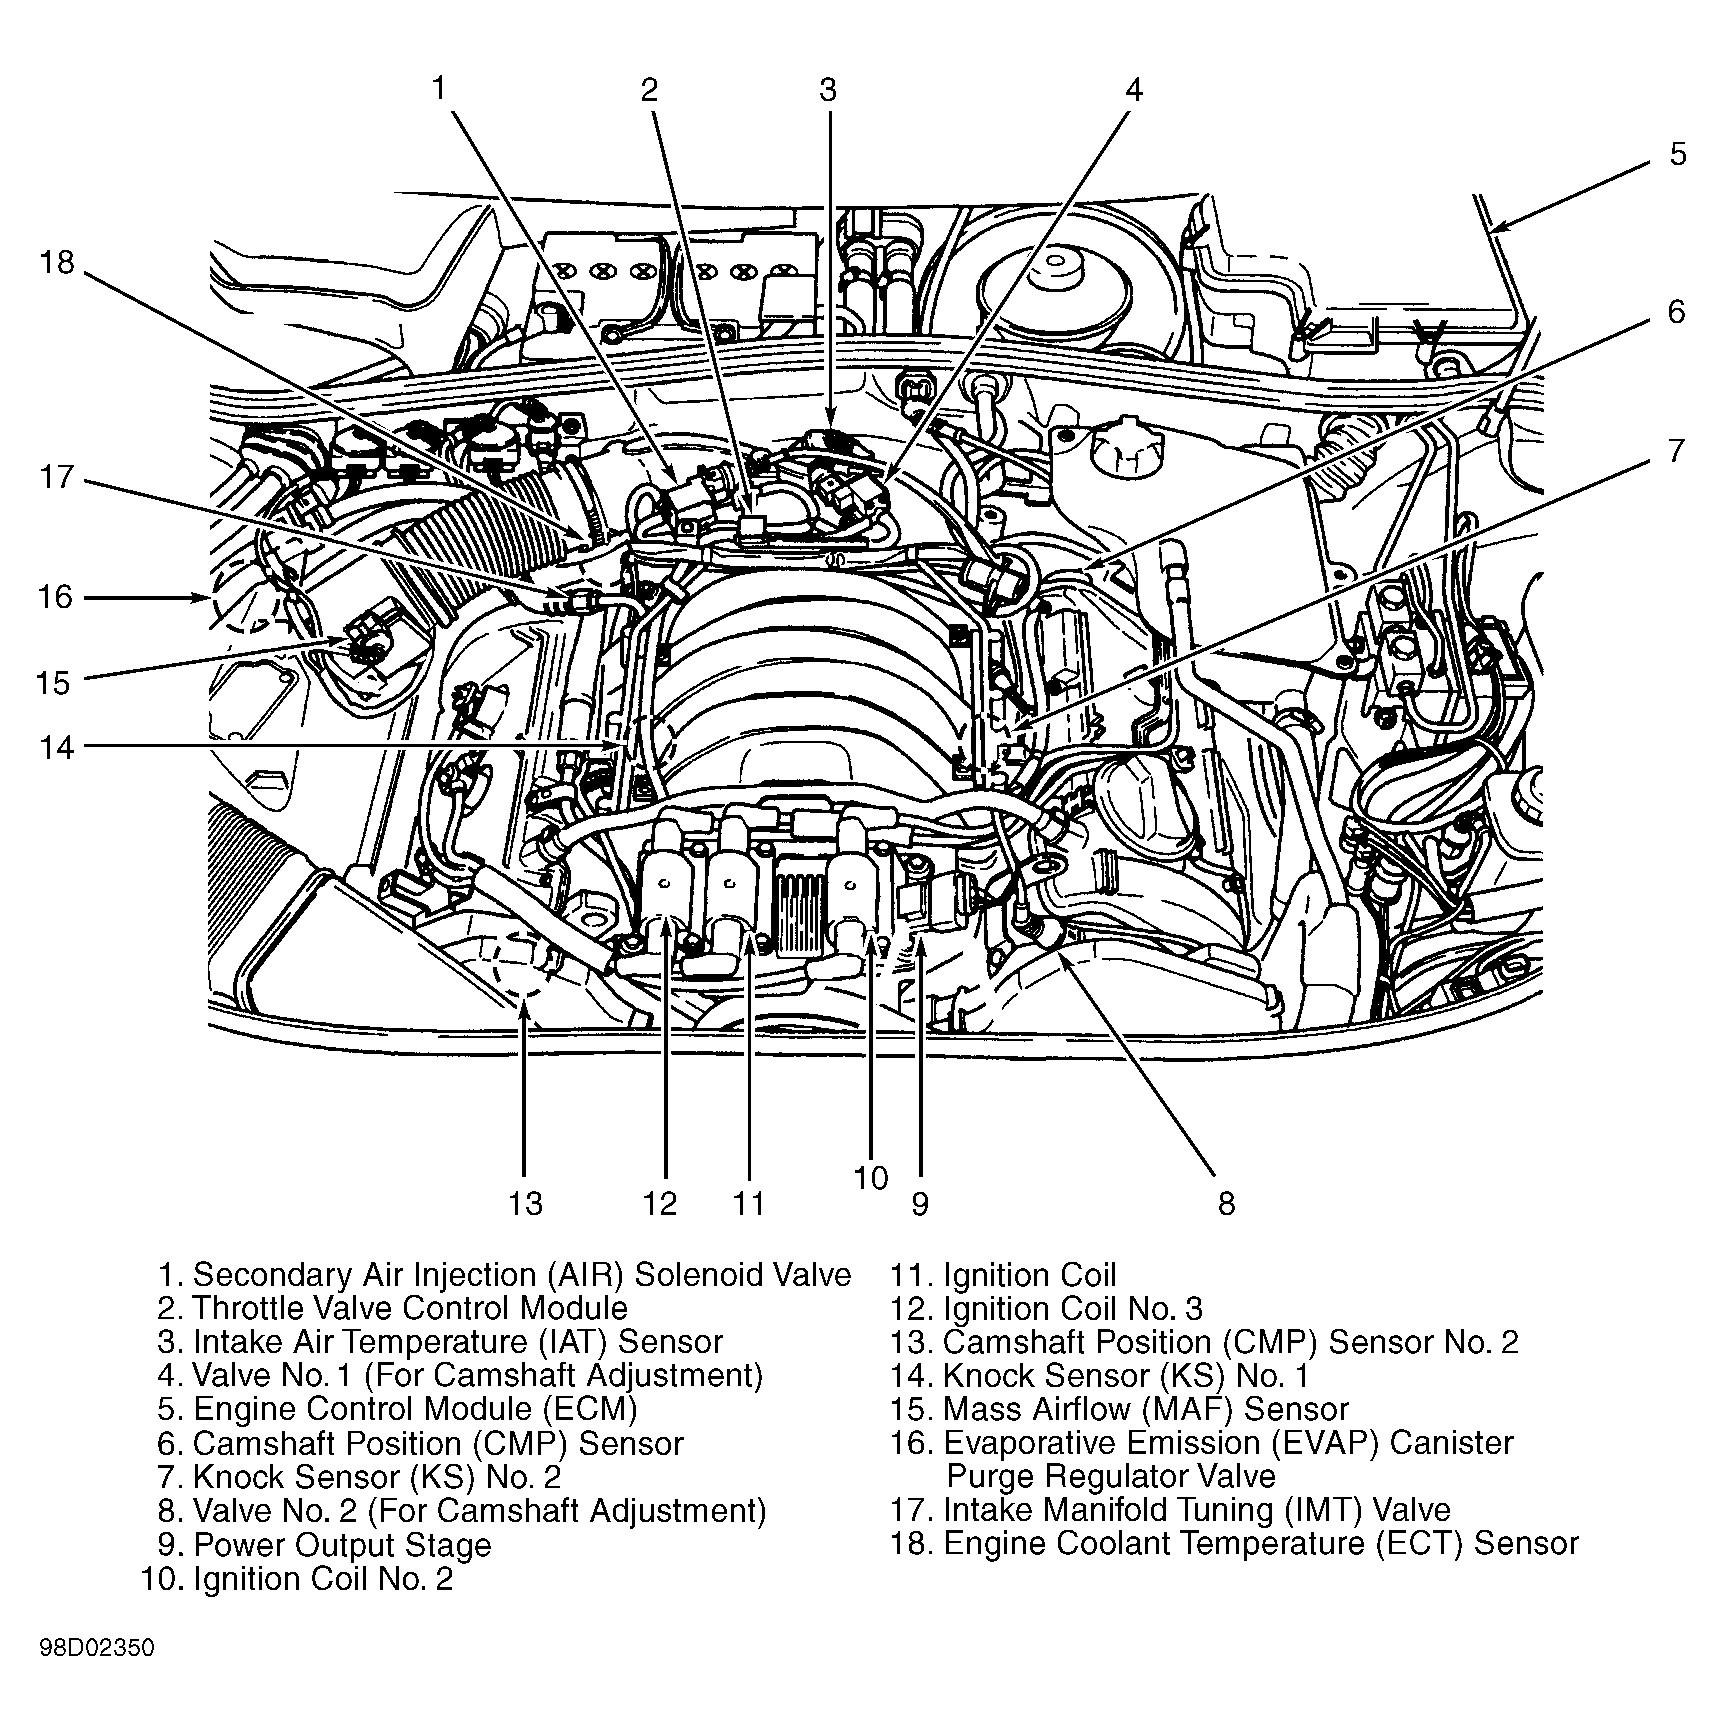 1998 Lexus Es300 Engine Diagram 2002 Lexus Es300 Engine Mounts Diagram Likewise Car Parts Diagram Of 1998 Lexus Es300 Engine Diagram